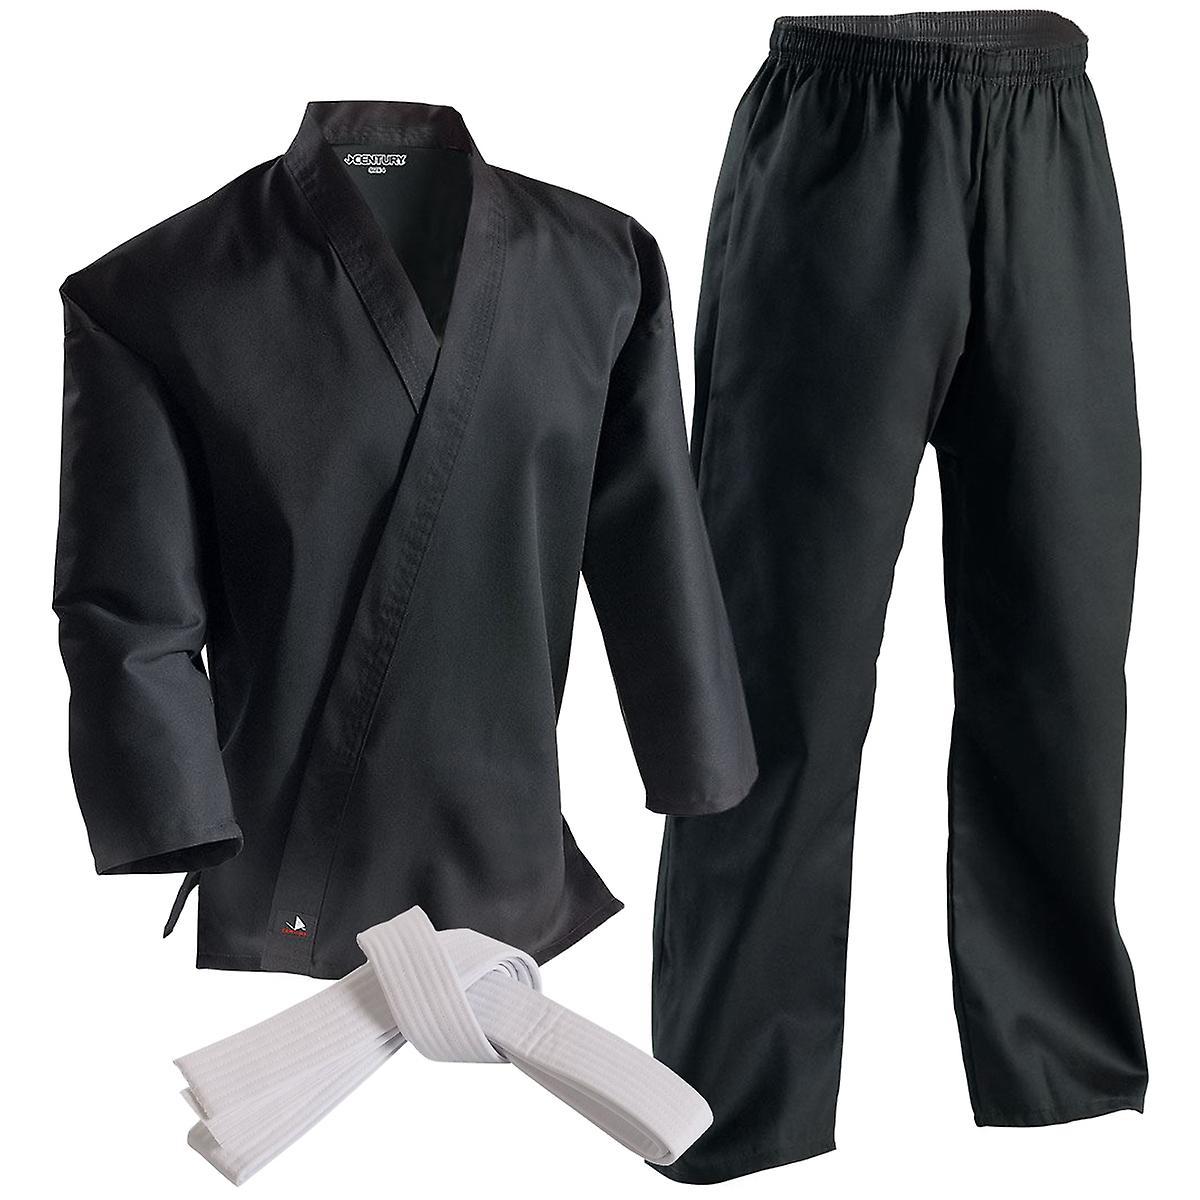 Jahrhundert 6 Unzen leichte Studenten Uniform mit elastische Hose-schwarz-Martial Arts